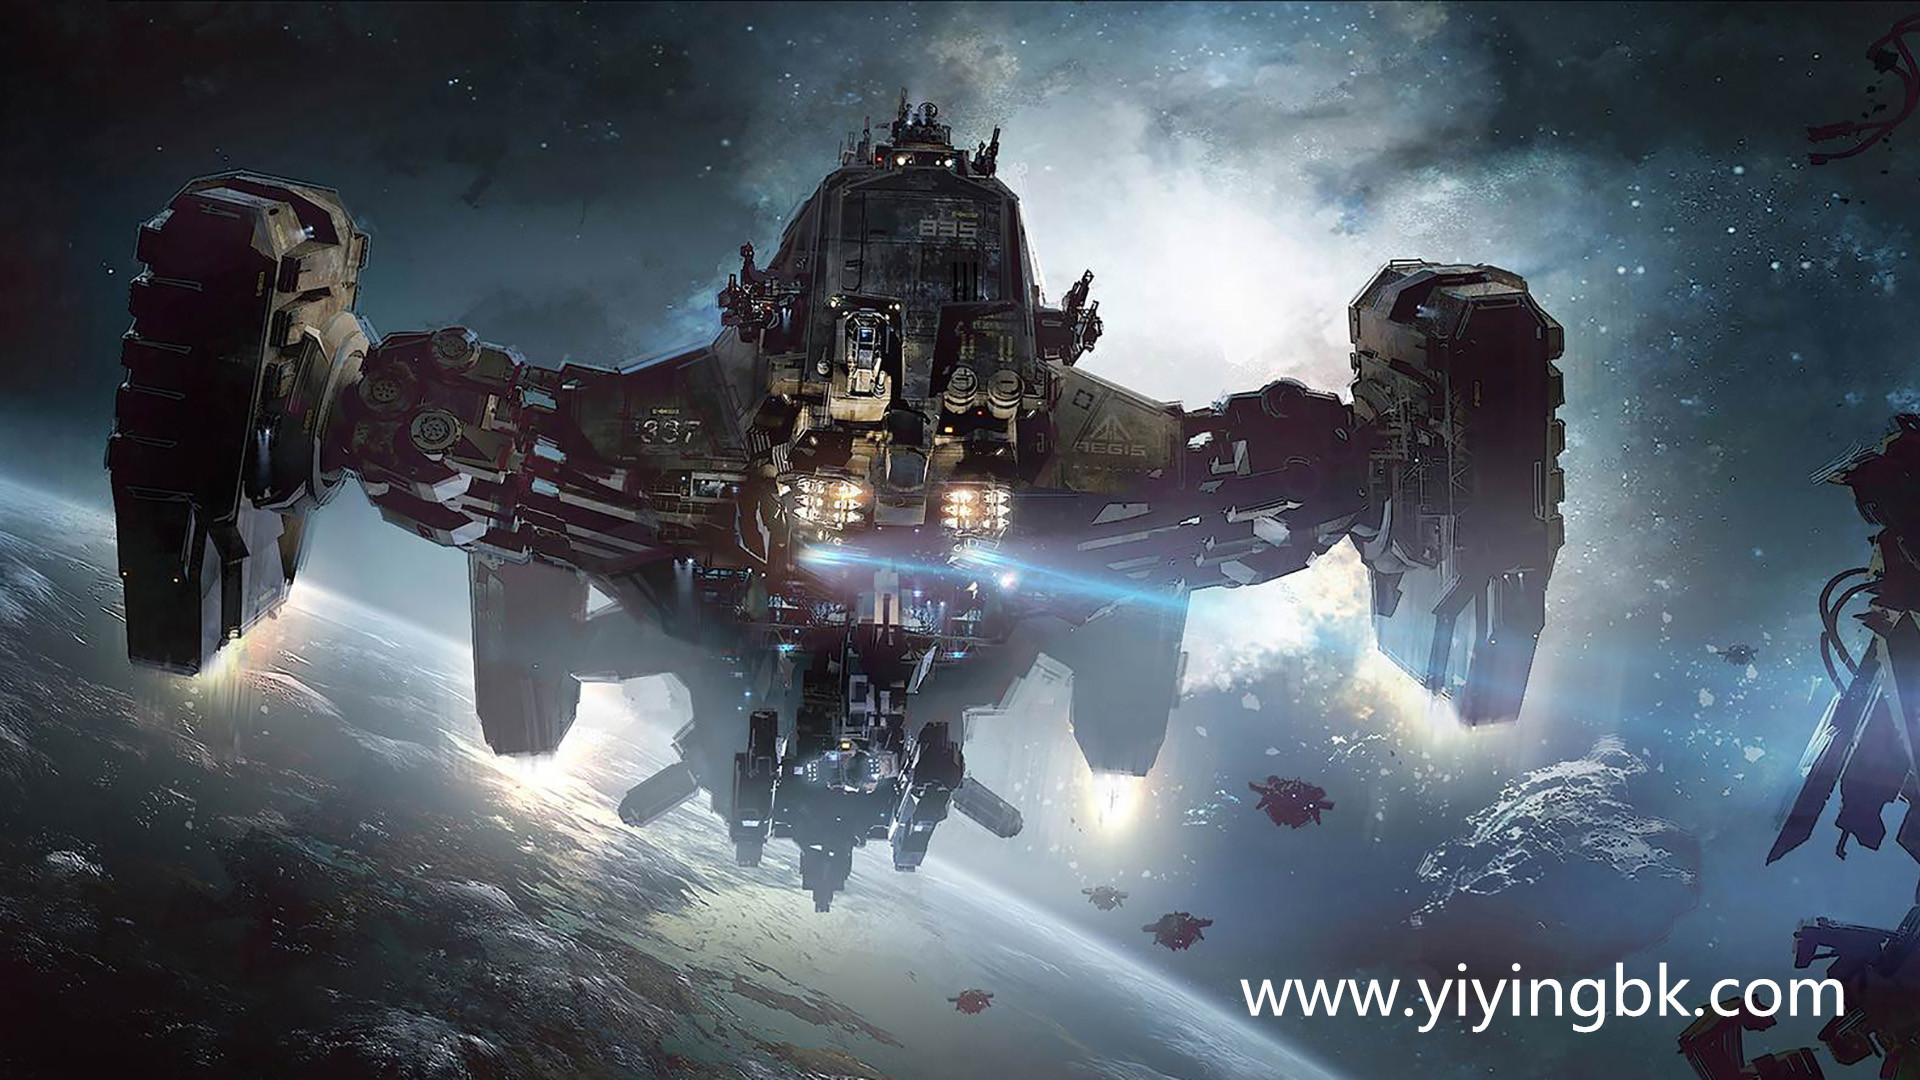 宇宙星际飞船